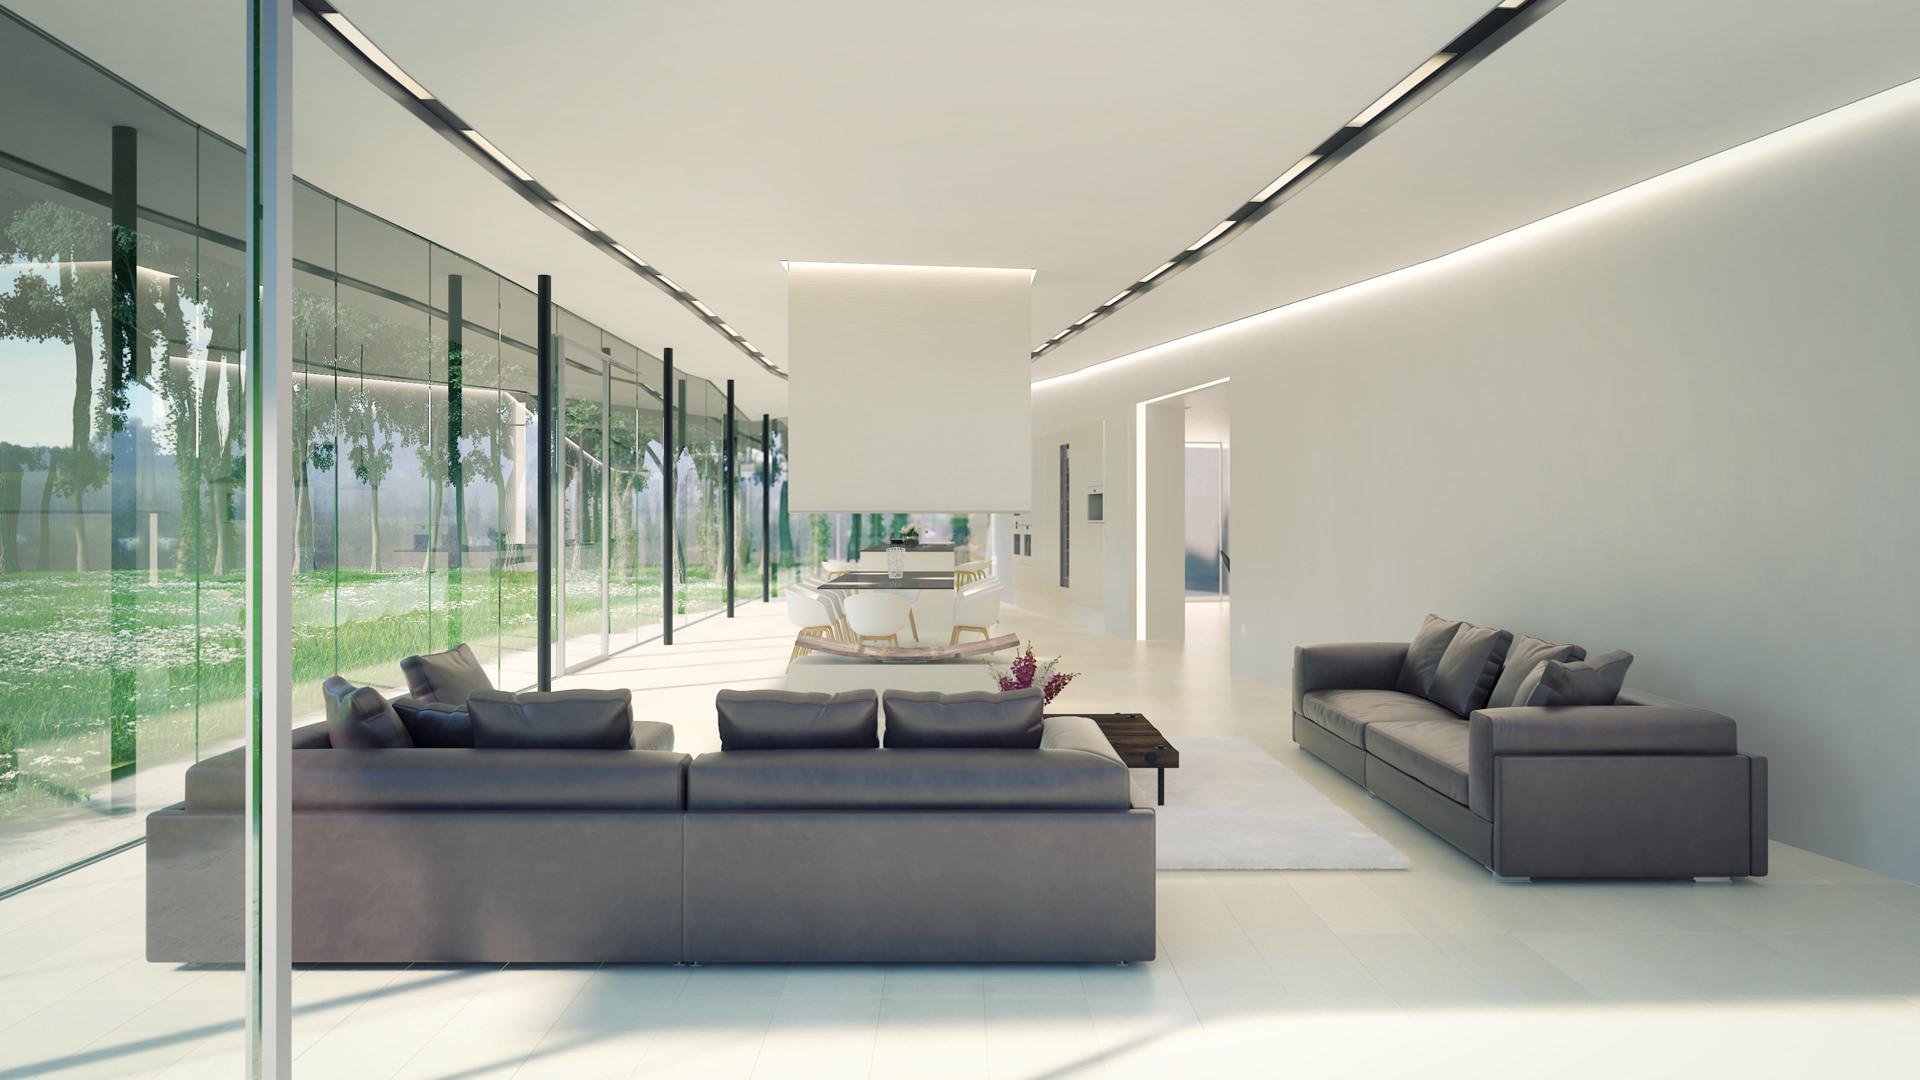 02 Interior_02